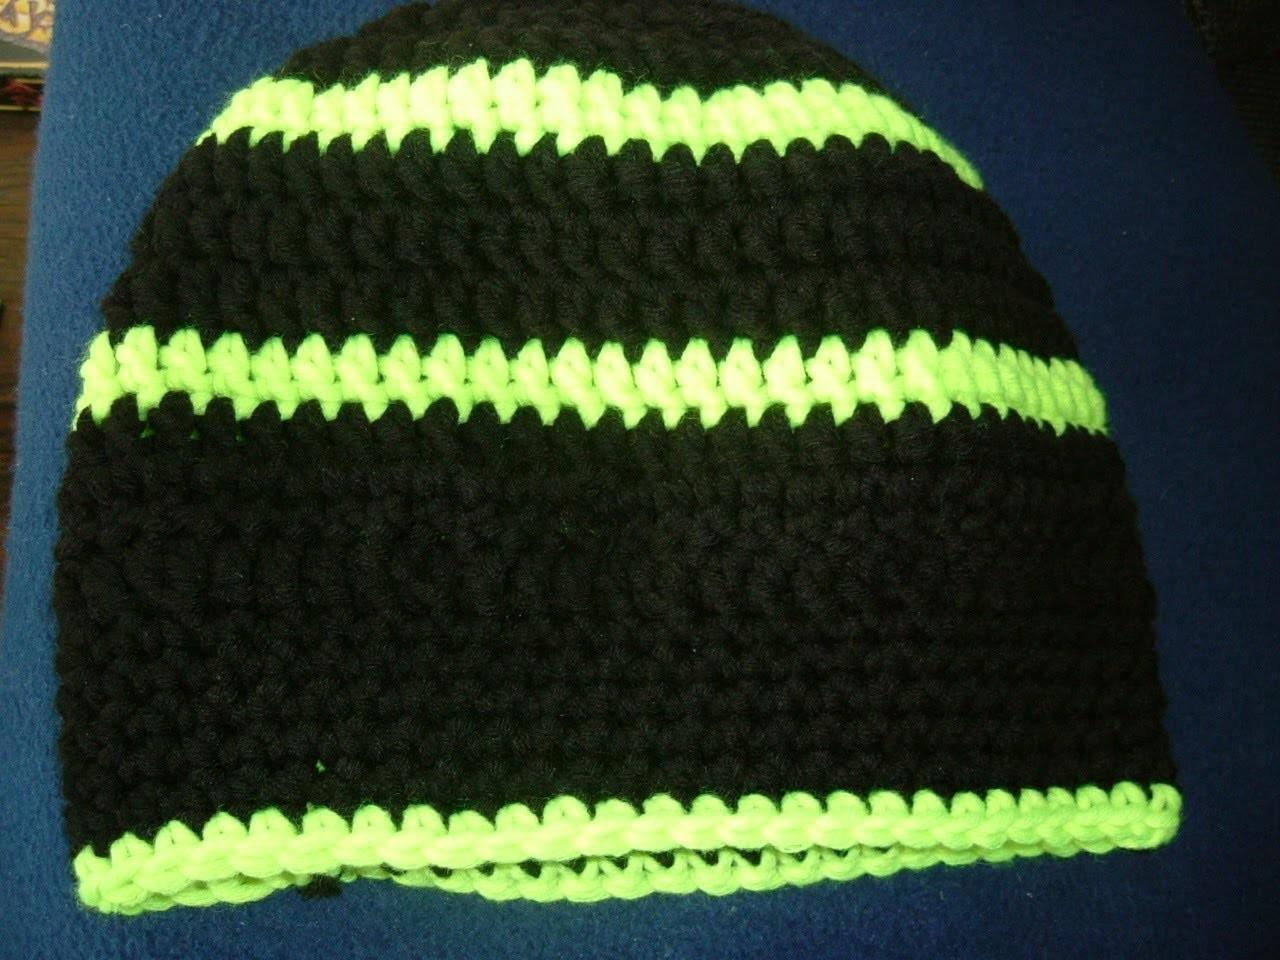 Mütze Häkeln leicht gemacht für Anfänger im coolen Style